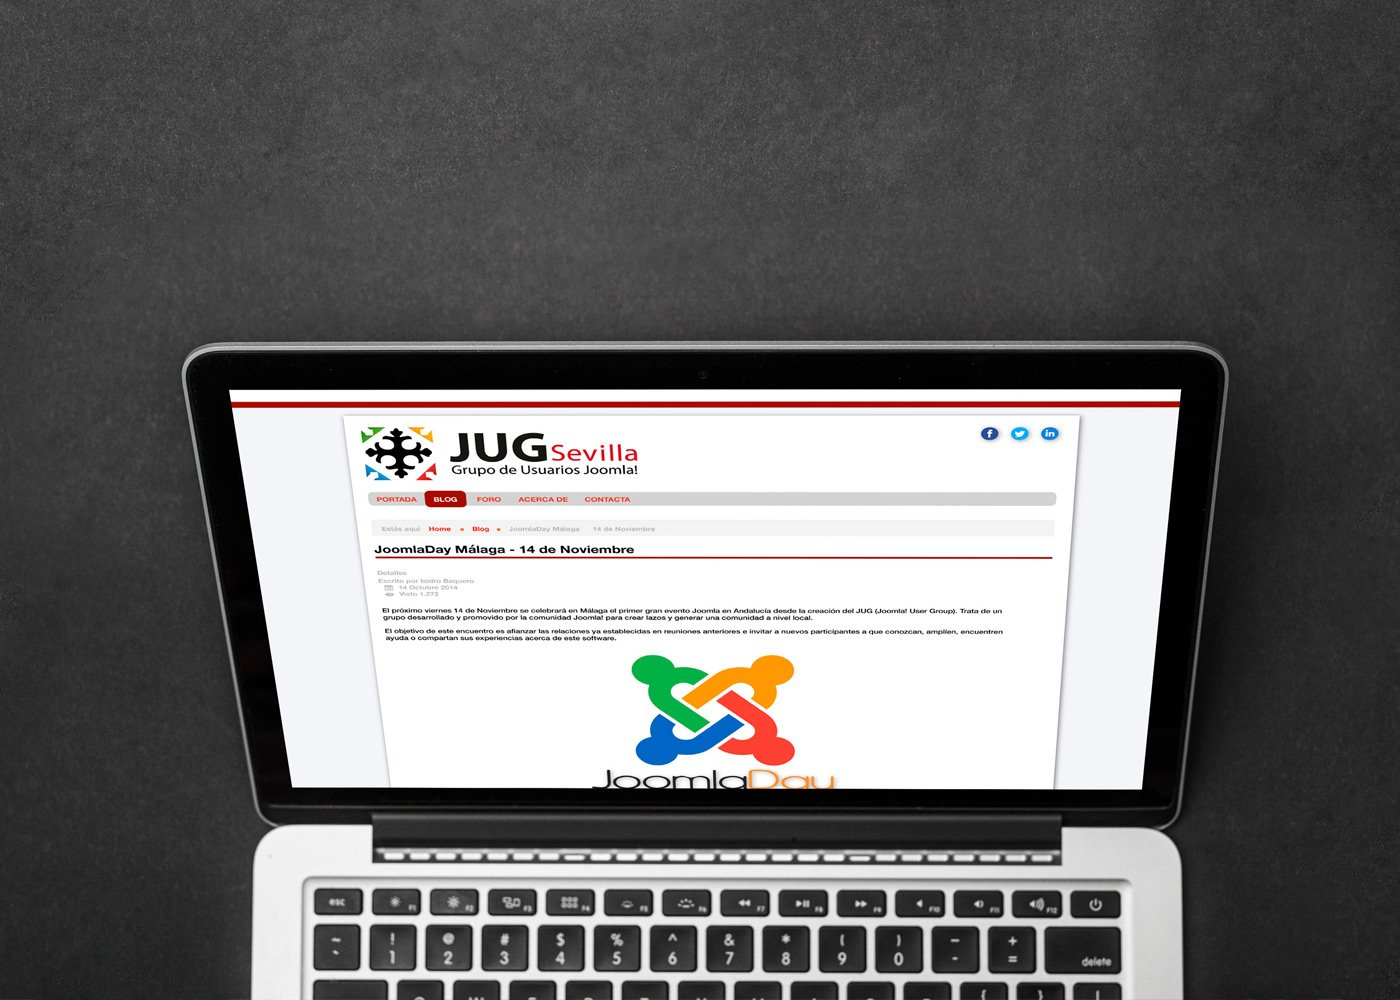 JUG-Sevilla-bg-portfolio-anferdi